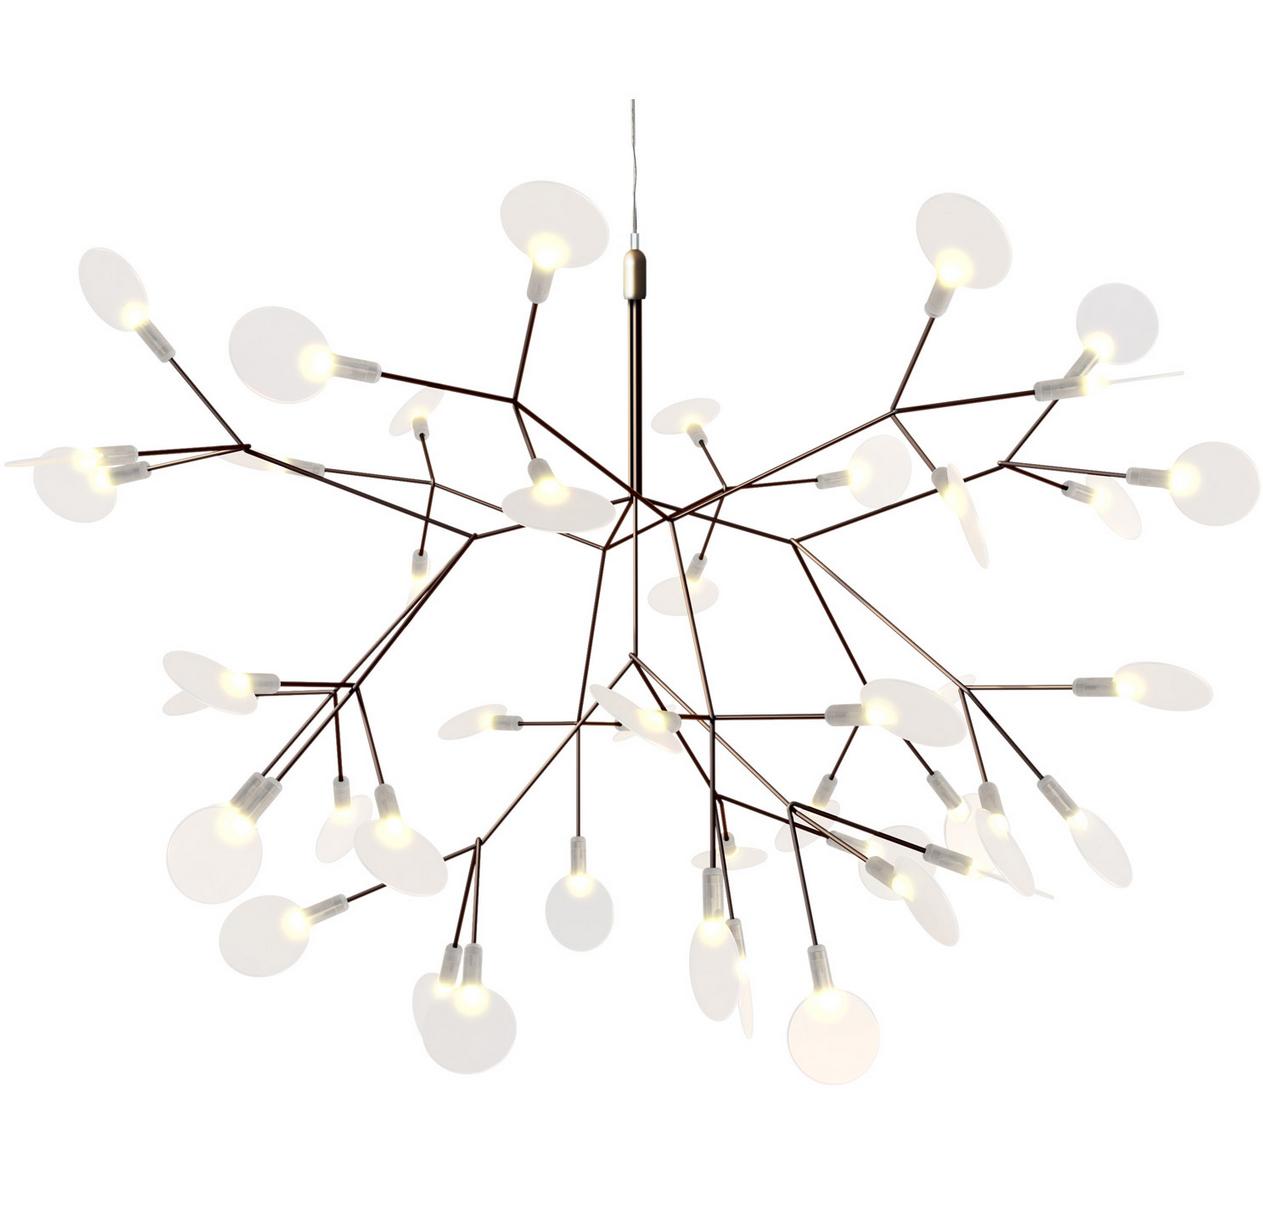 Heracleum taklampe i kobber, liten, kr 16909, room21.no.